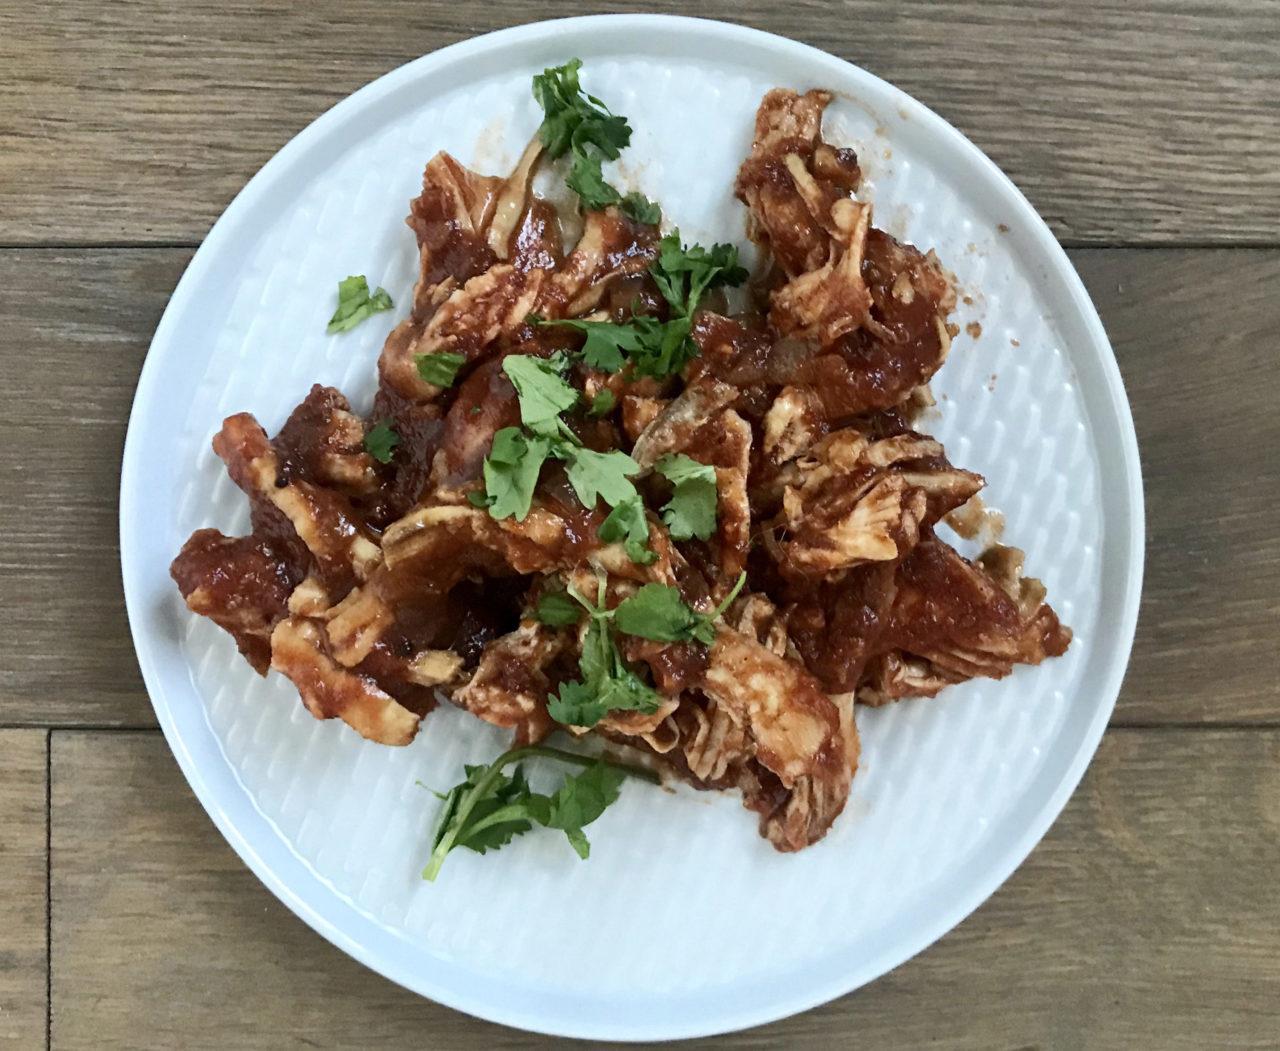 Faith Kramer's Spiced Turkey Pot Roast